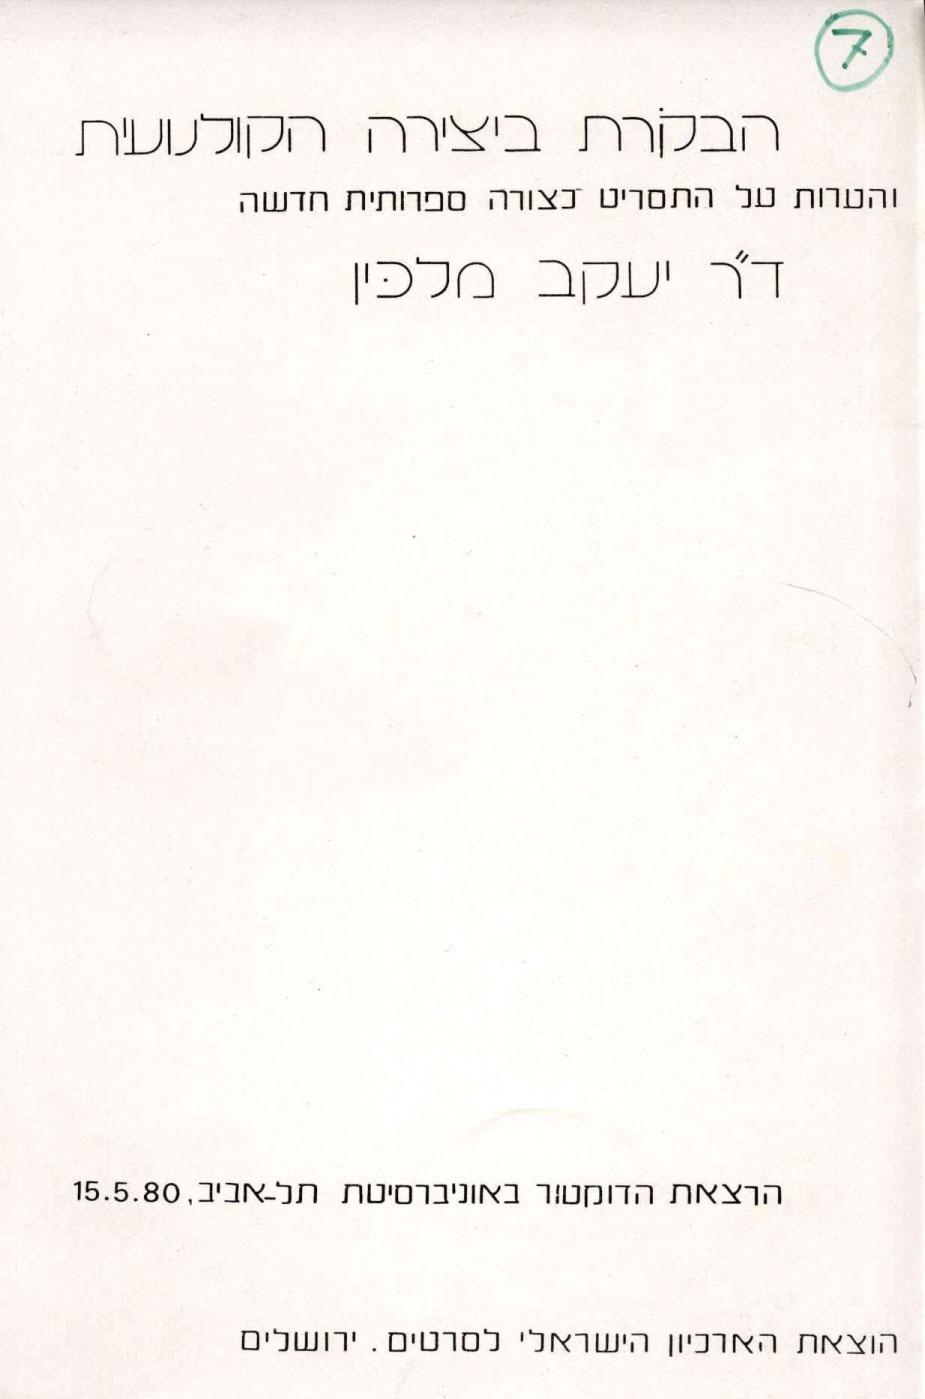 ביקורת ביצירה הקולנועית -Criticism in cinematic production - יעקב מלכין, עברית, 1980